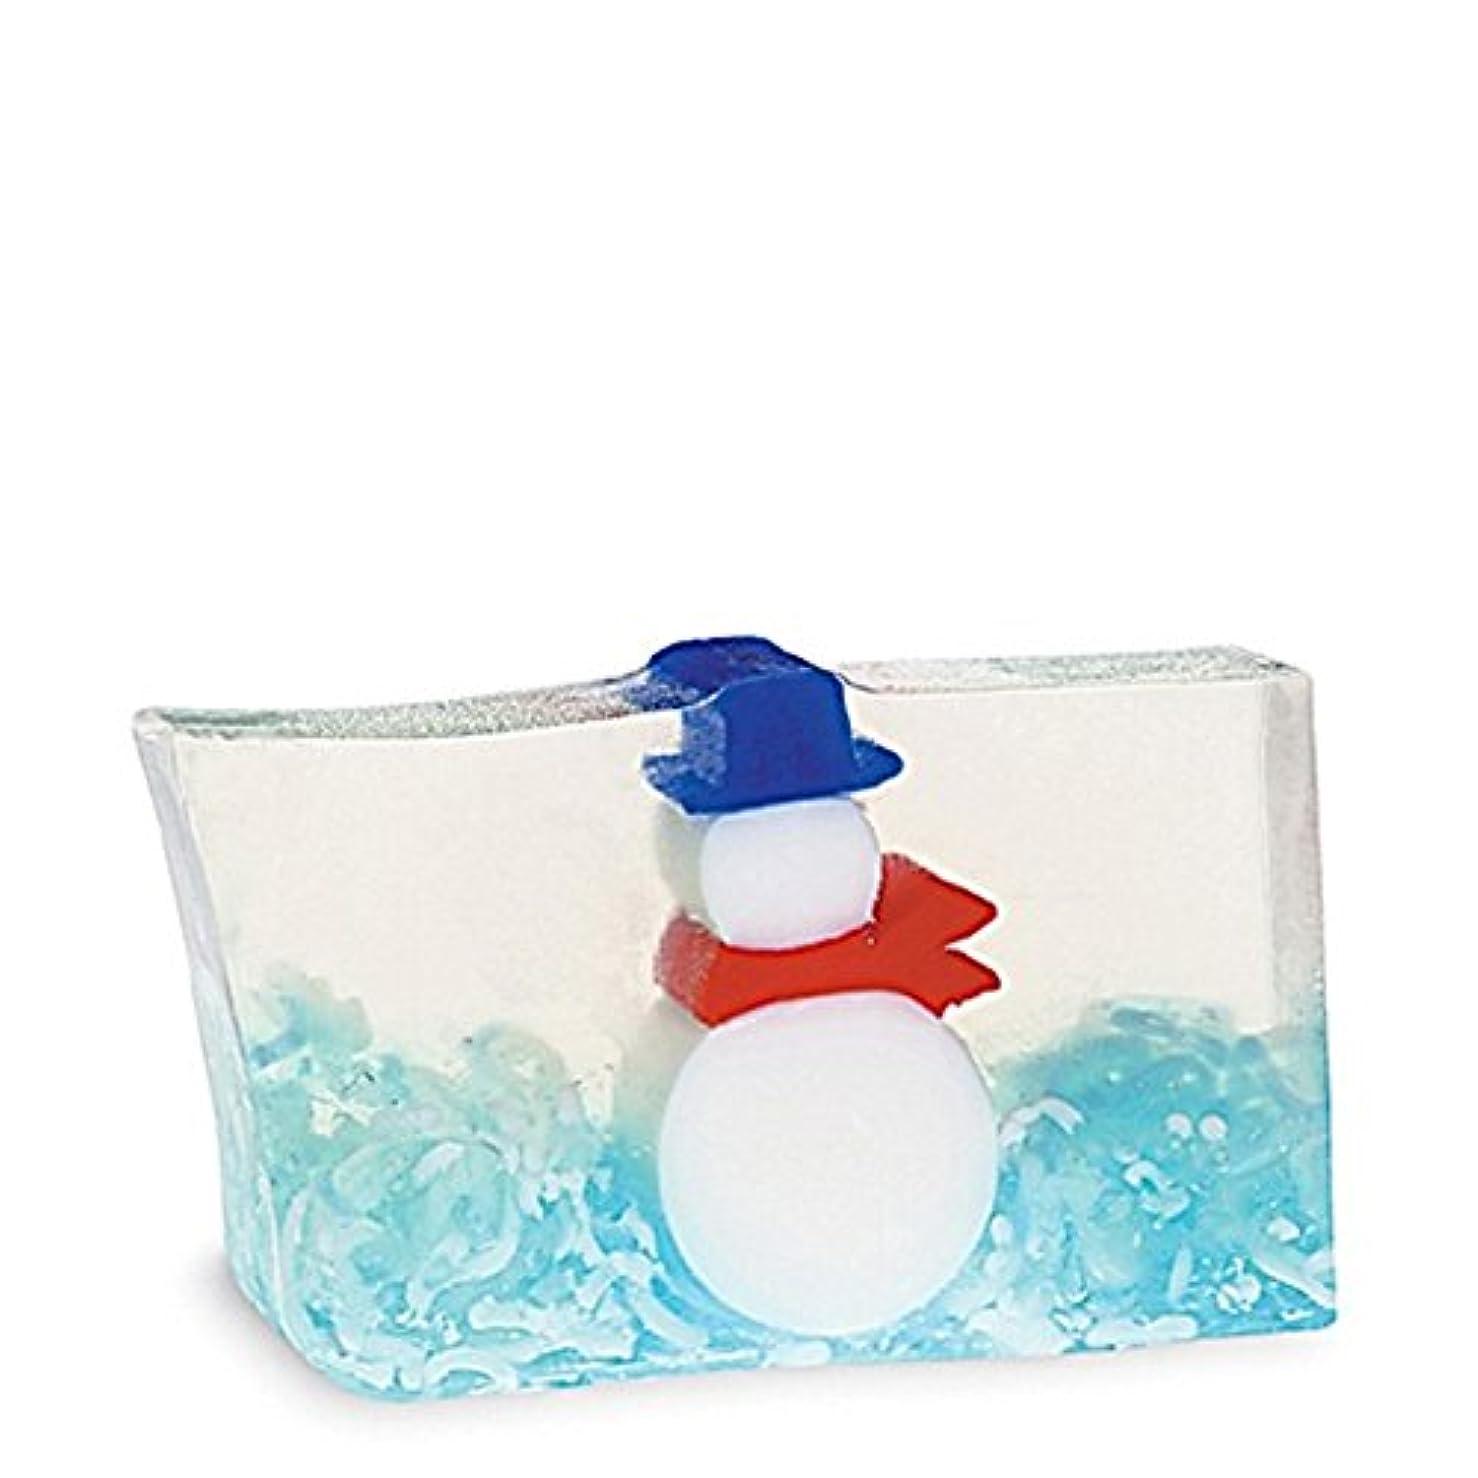 予感思い出すフィールドPrimal Elements Snowman Soap 170g - 原初の要素雪だるま石鹸170グラム [並行輸入品]